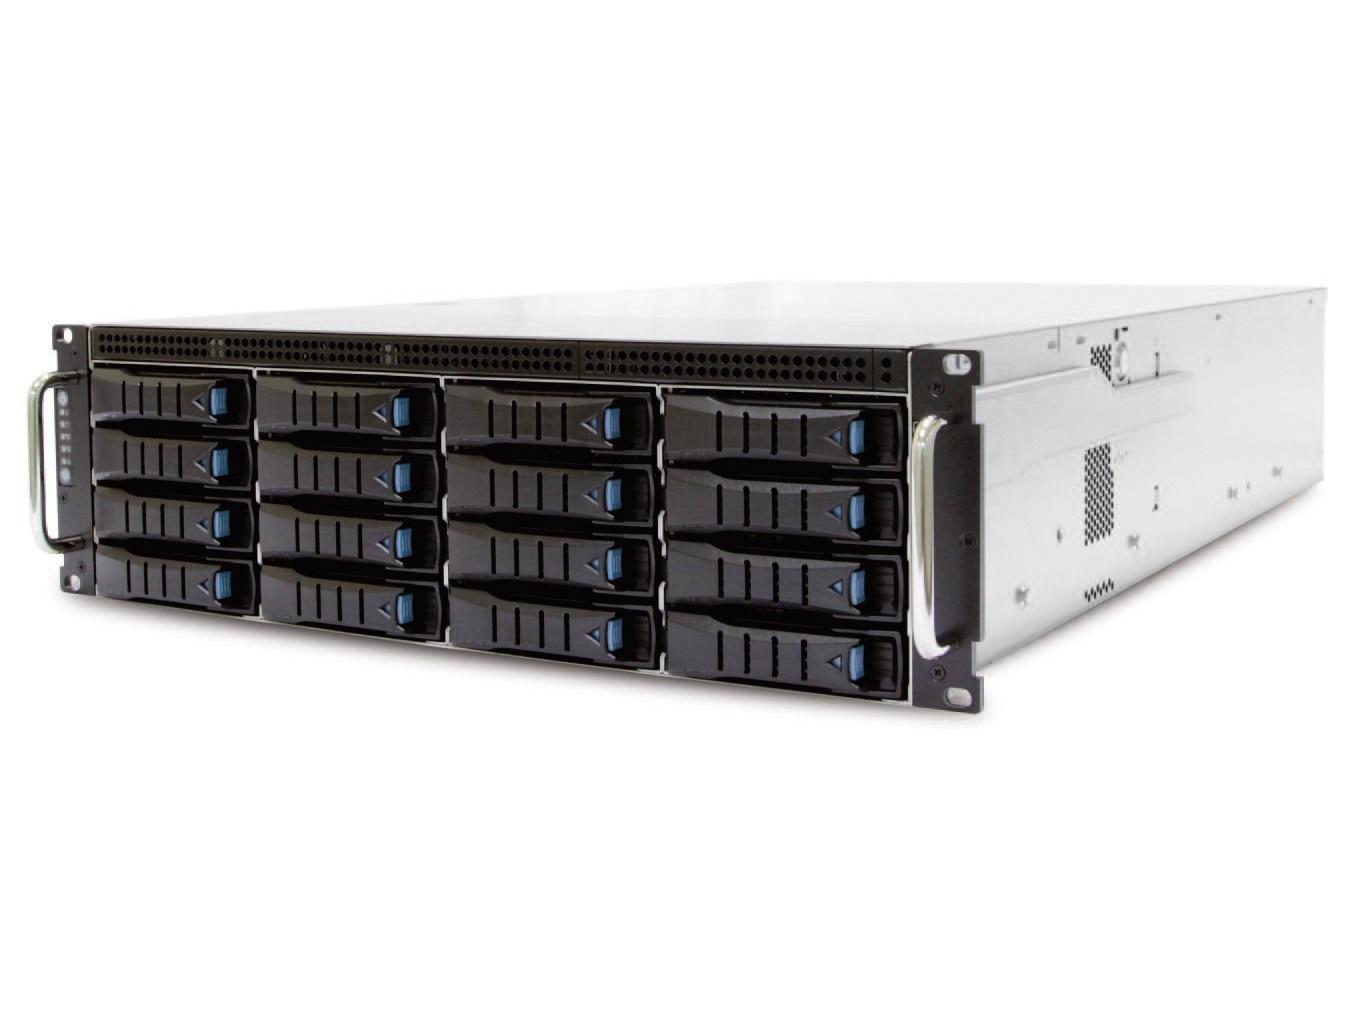 AIC RSC-3ET XE1-3ET00-03 3U 16-bay Storage Server Chassis